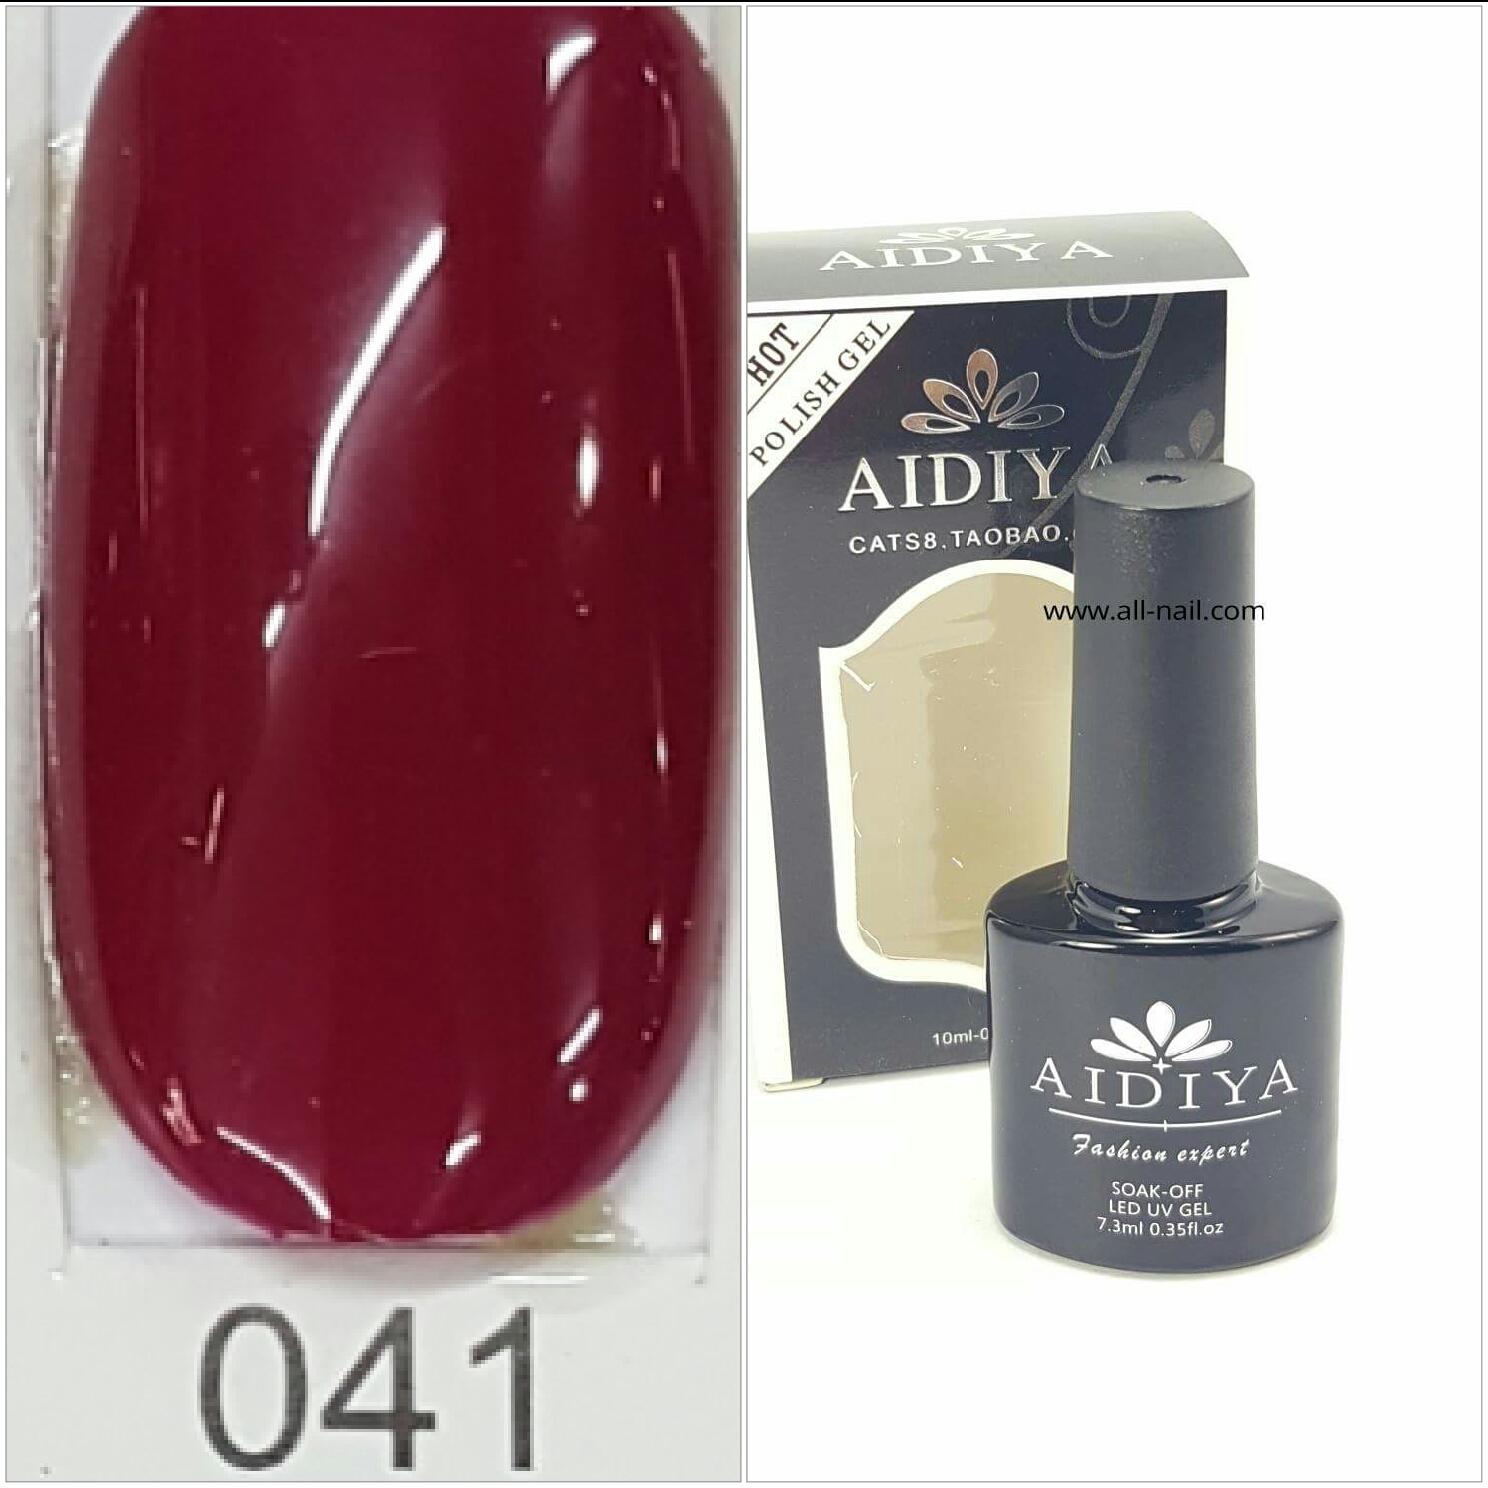 สีเจลทาเล็บ AIDIYA #041